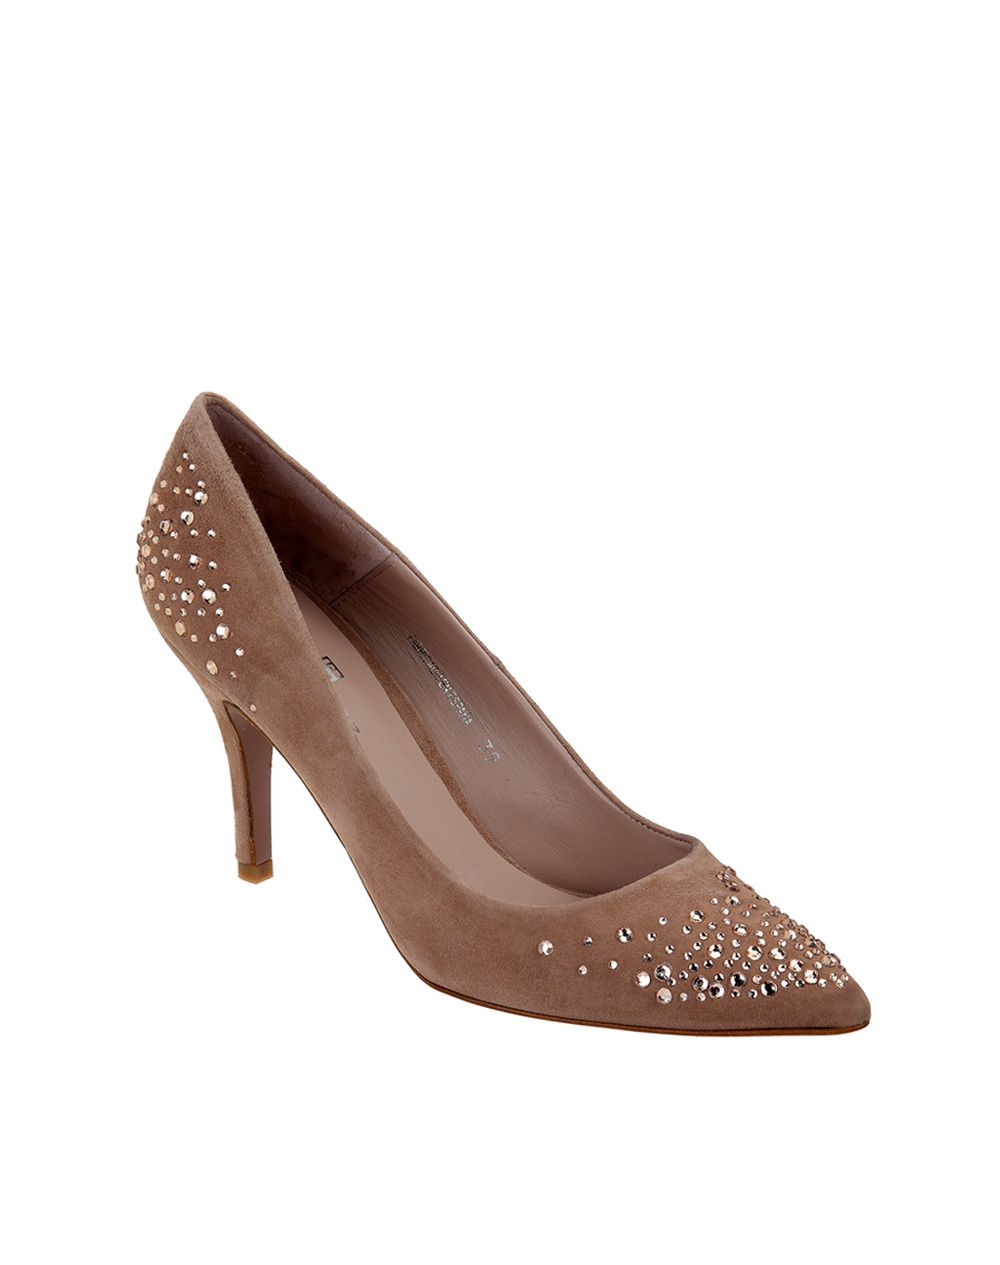 66f8fd24f7c0e Zapatos de salón Gloria Ortiz - Mujer - Zapatos - El Corte Inglés - Moda